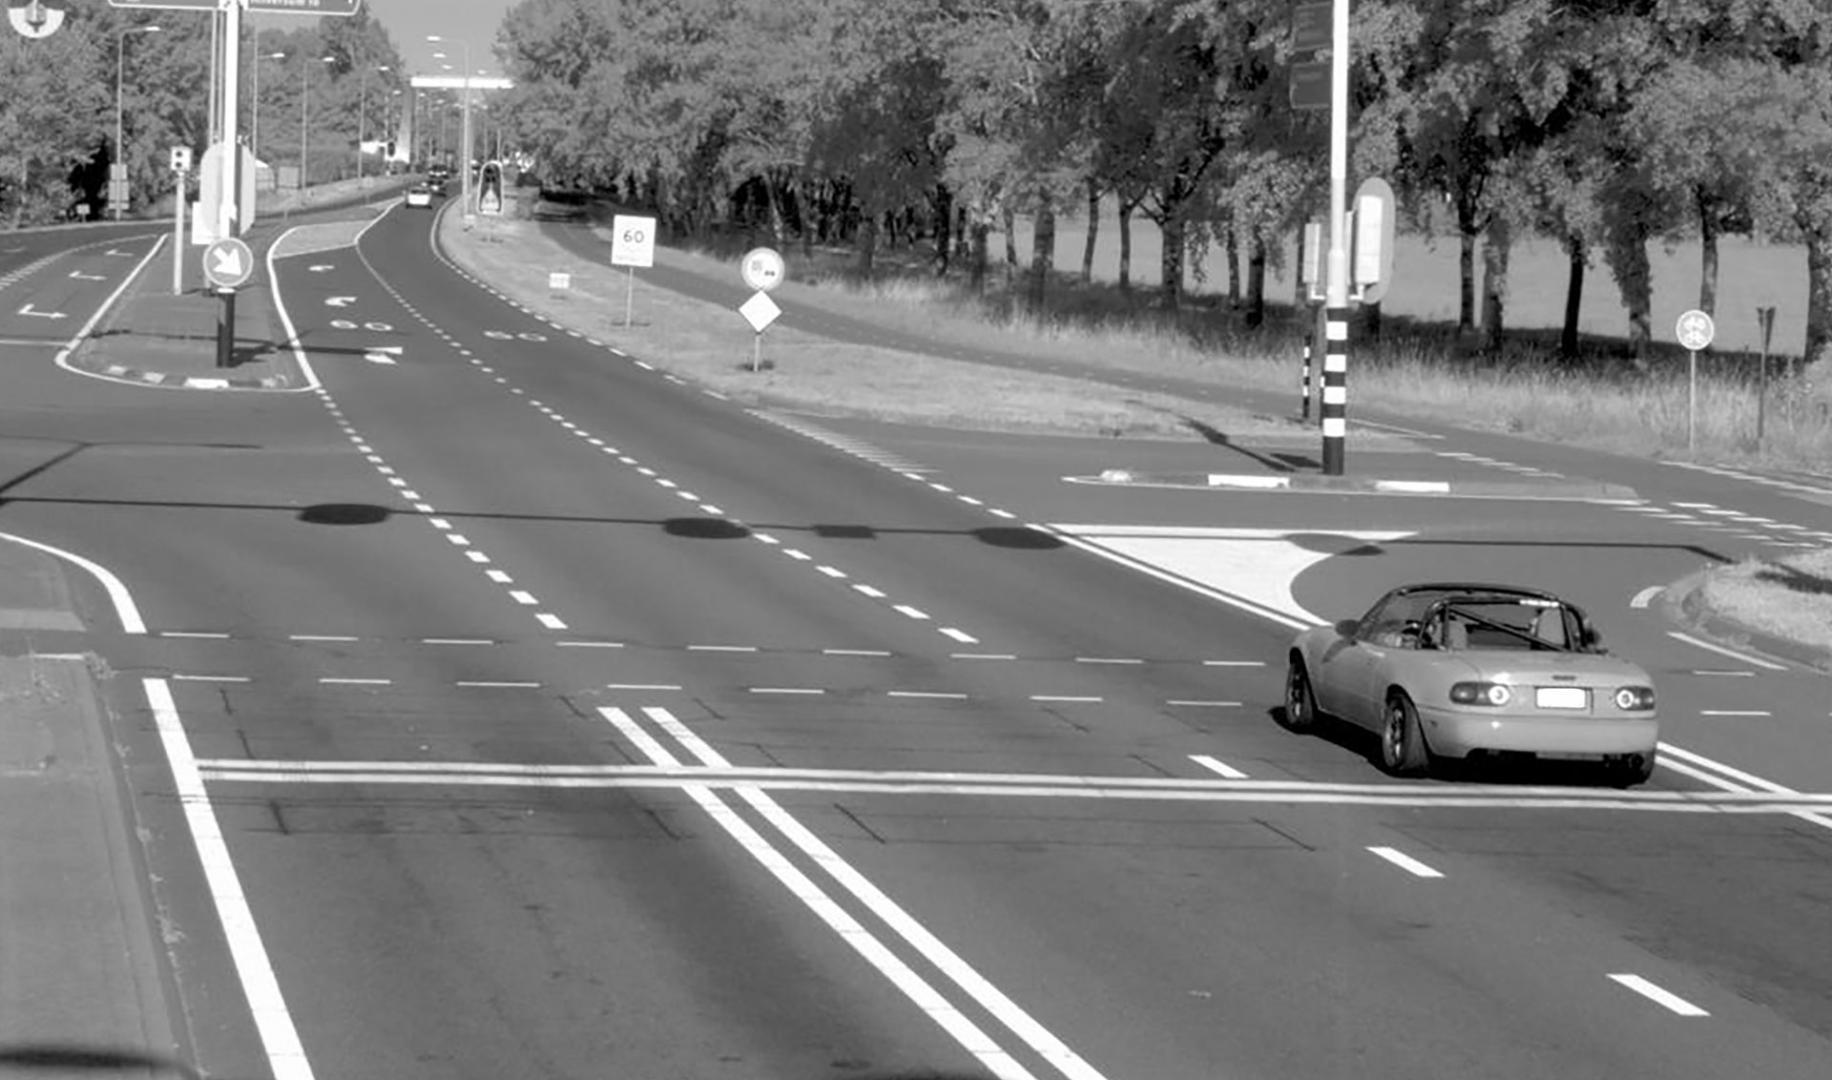 verkeersboetes snelheidsboetes flitspaal rood kruispunt